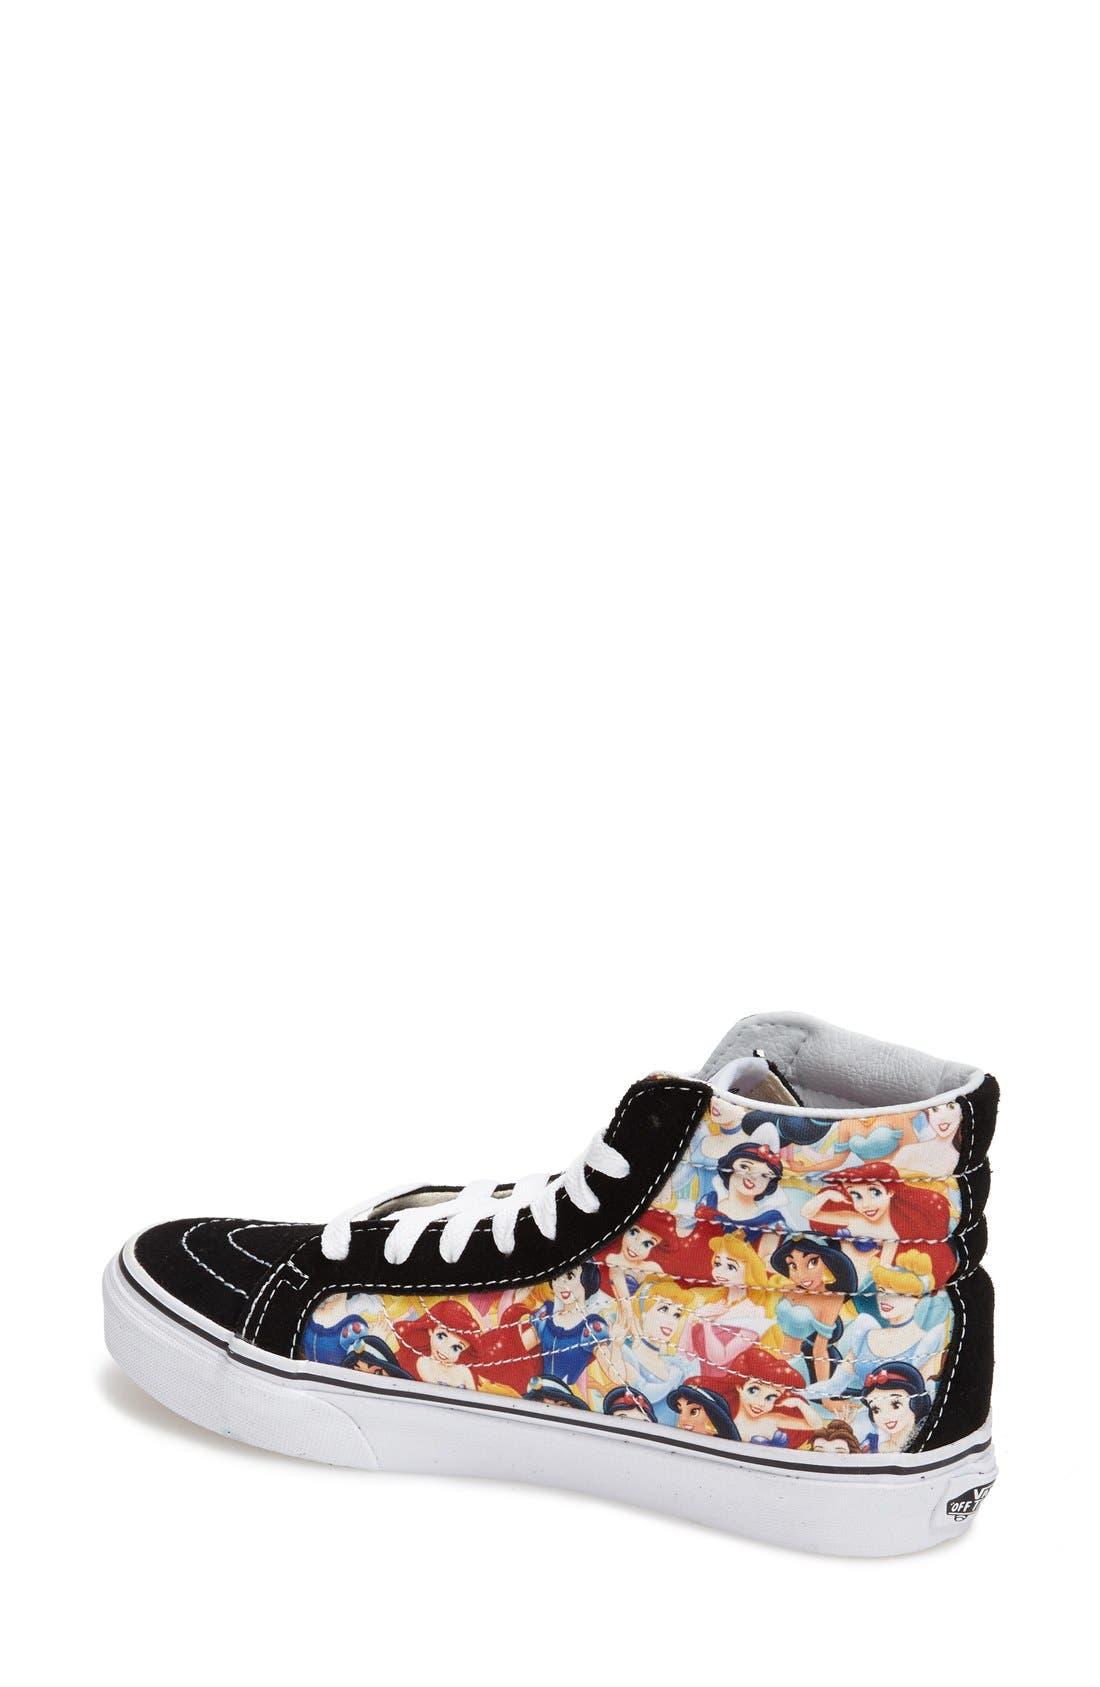 Alternate Image 2  - Vans 'Sk8-Hi Slim - Disney® Princess' Sneaker (Women)